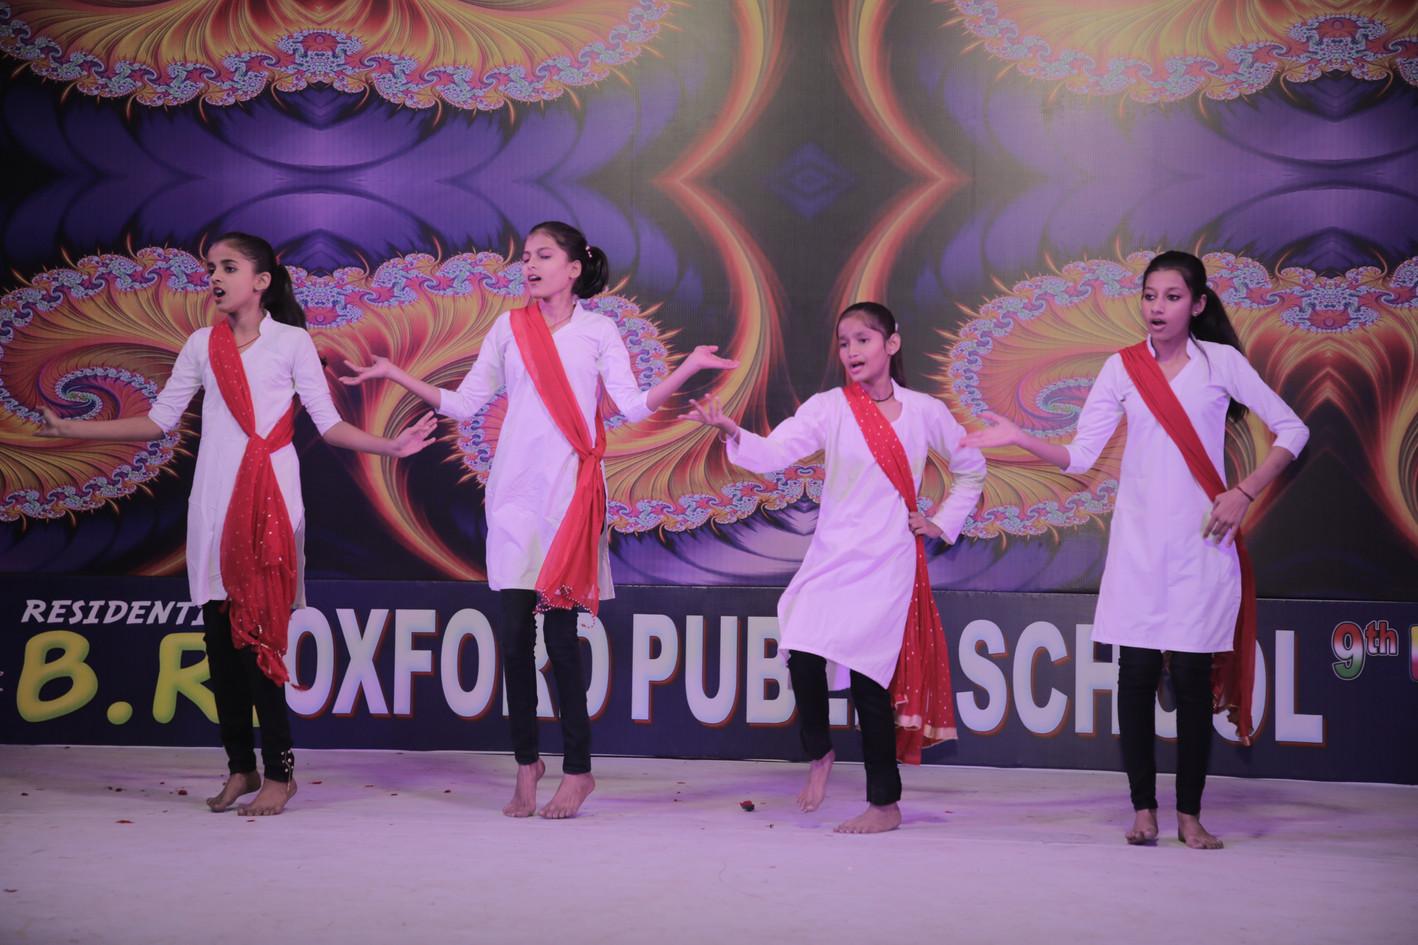 B.R. Oxford Public School (2).JPG